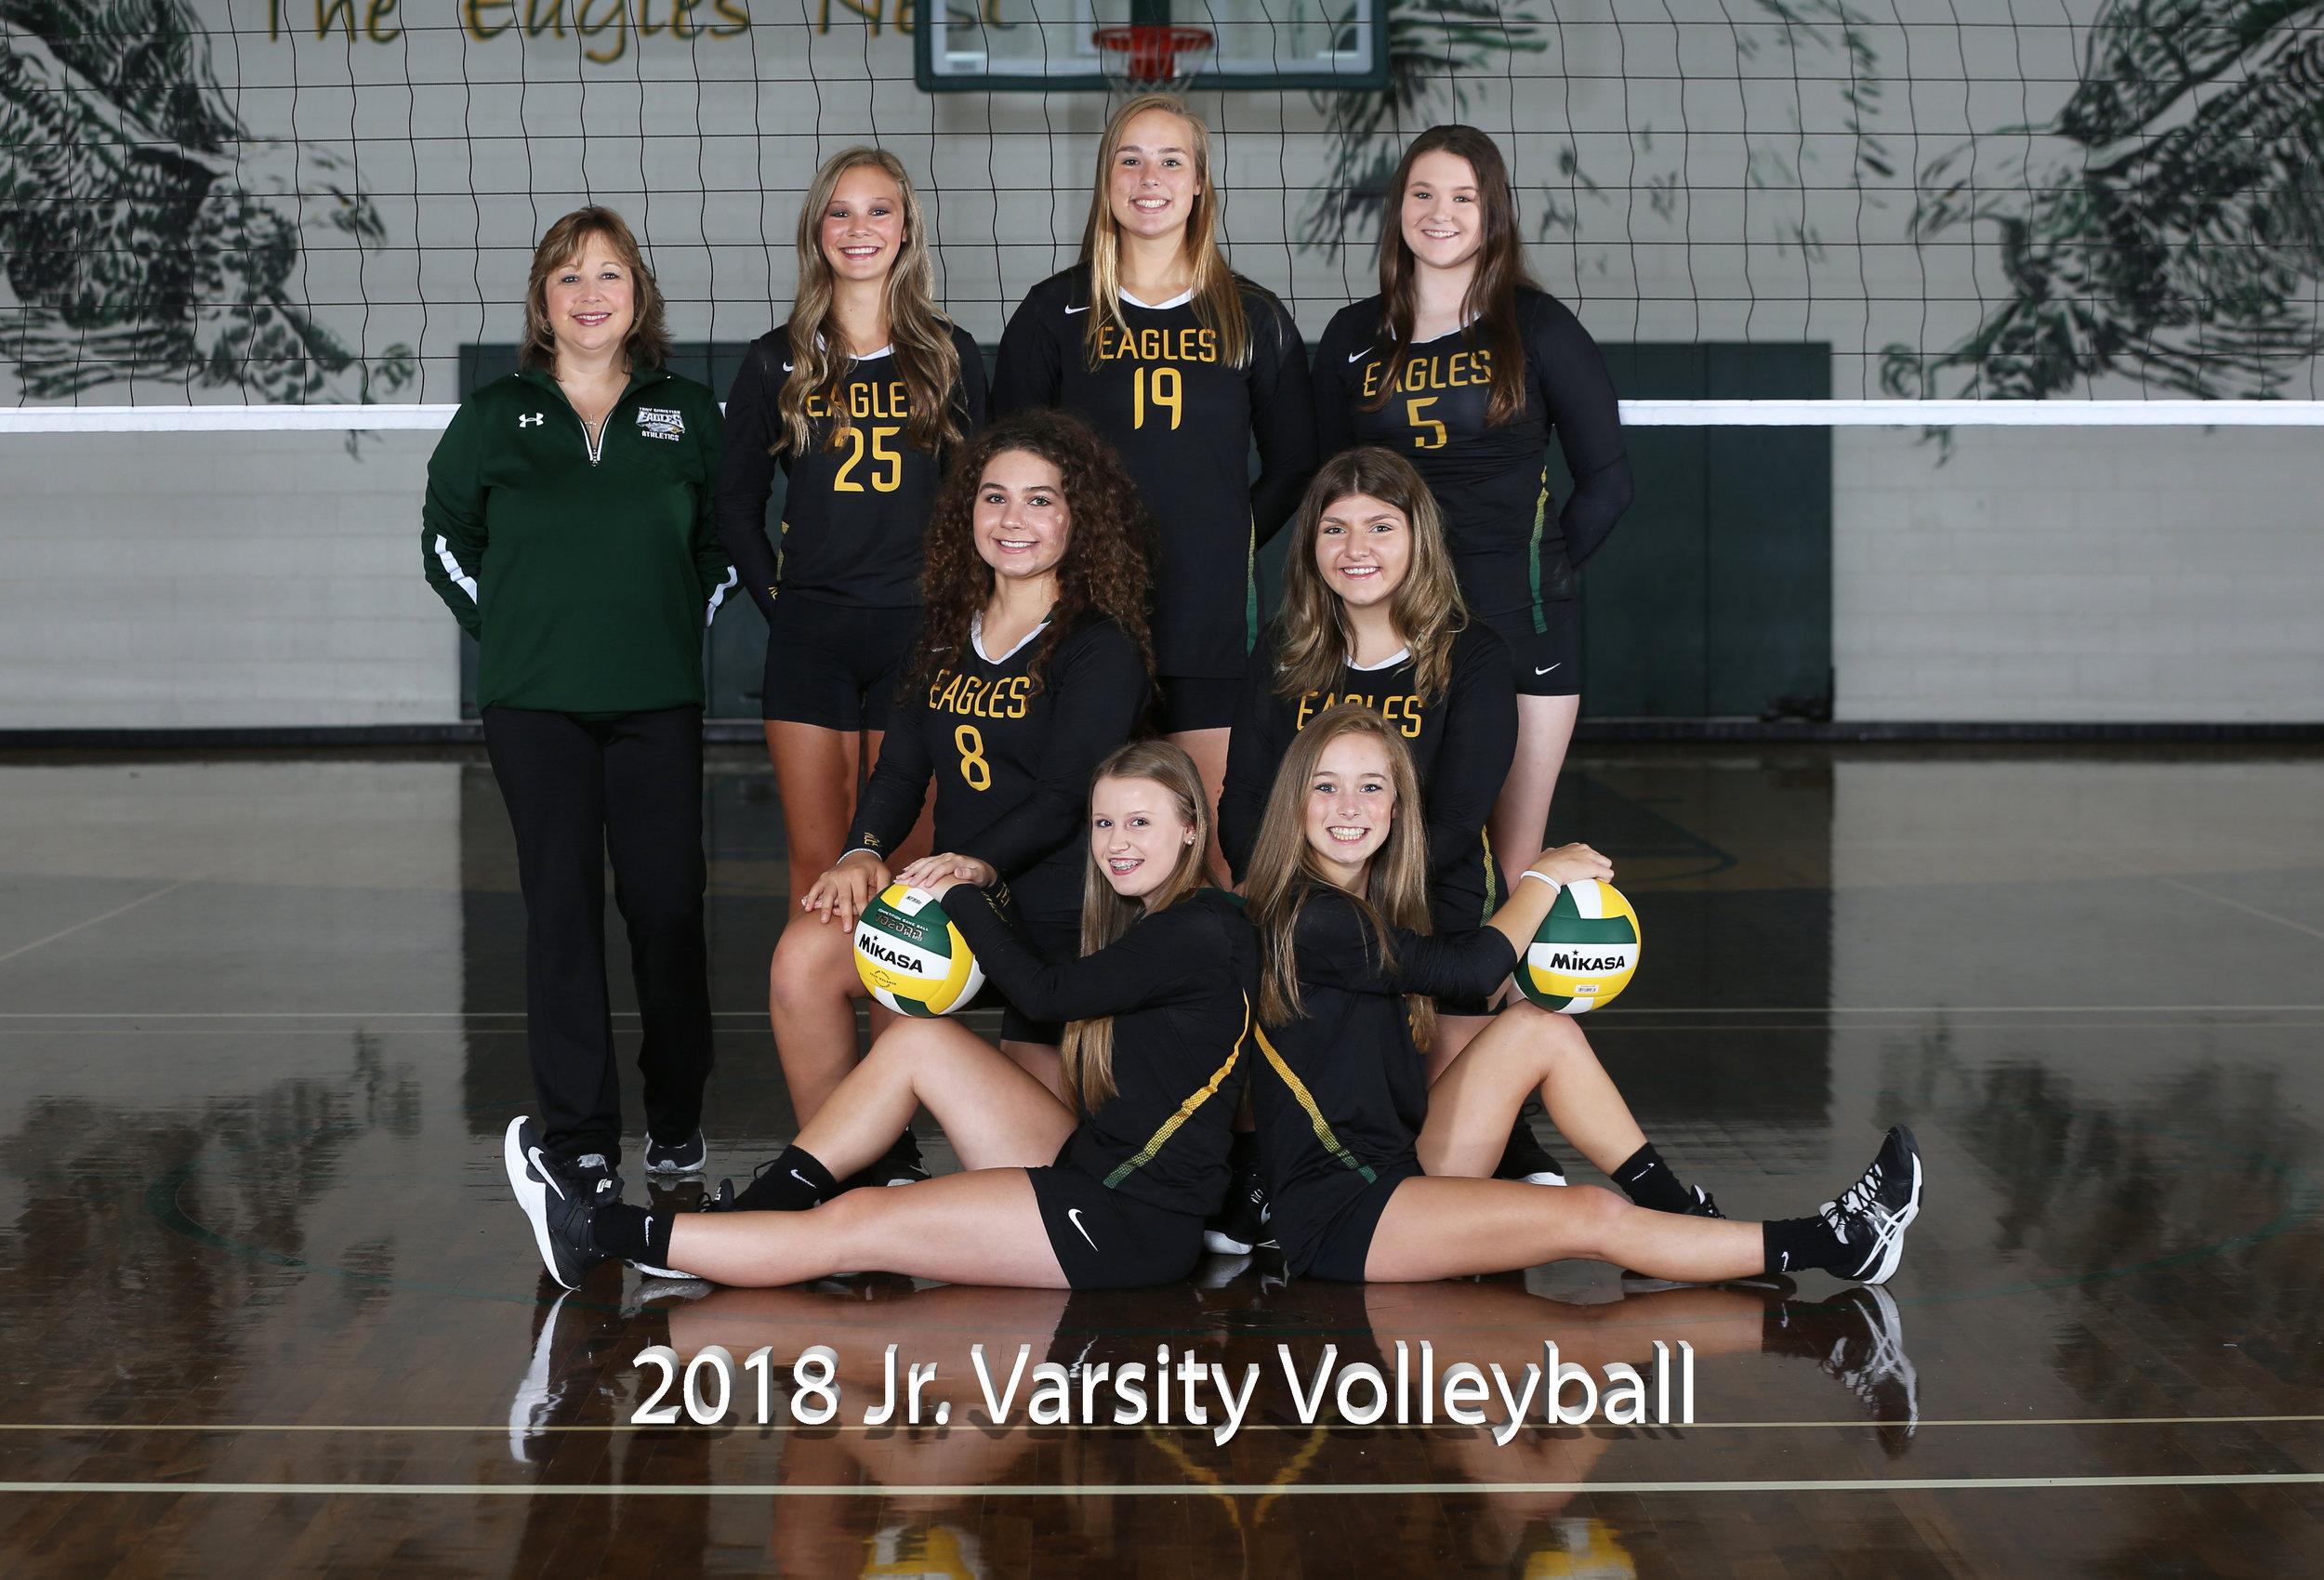 2017 Jr. Varsity Volleyball